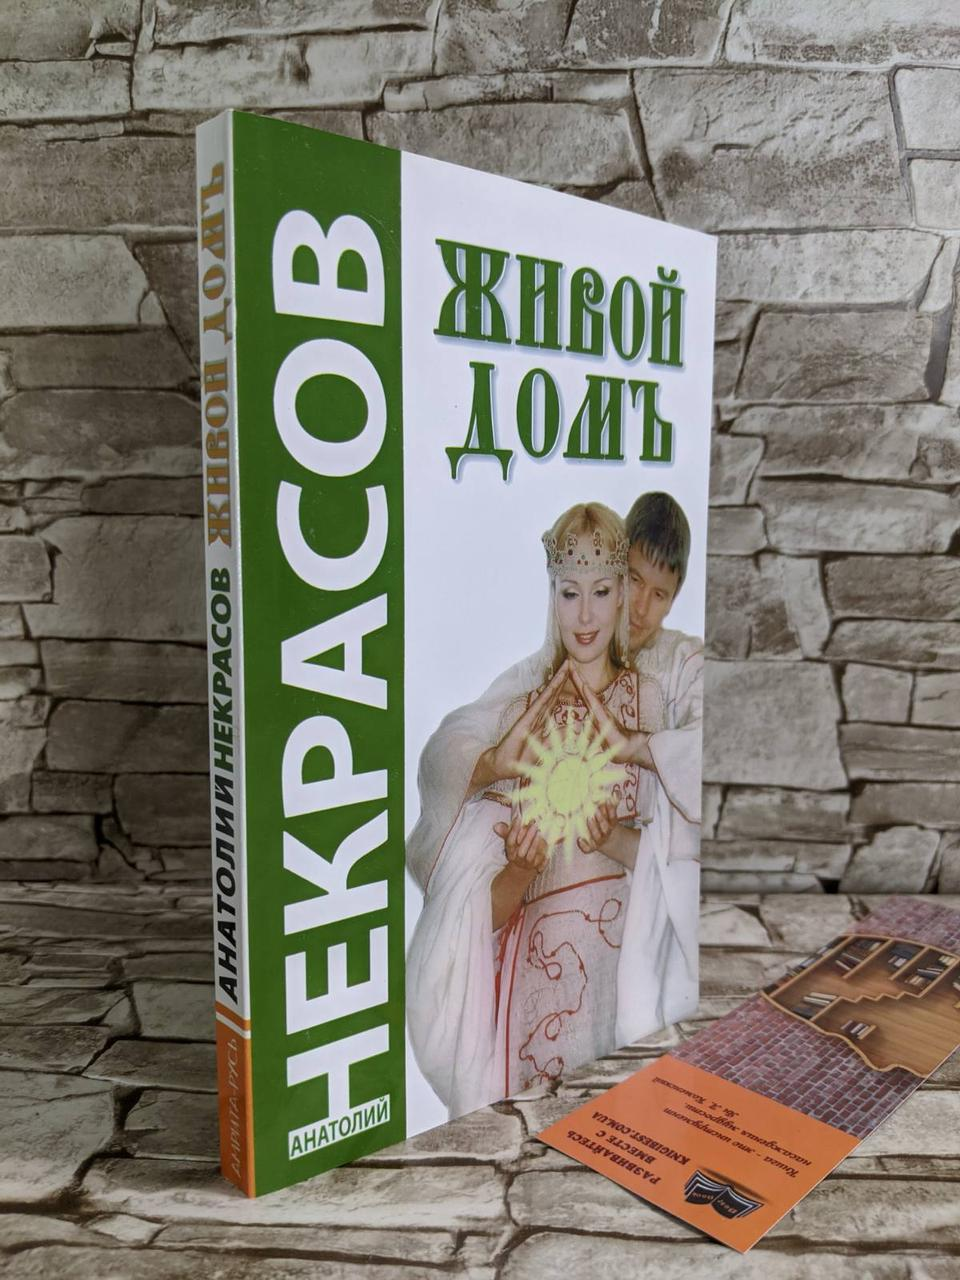 """Книга """"Живой домъ"""" Некрасов Анатолий"""